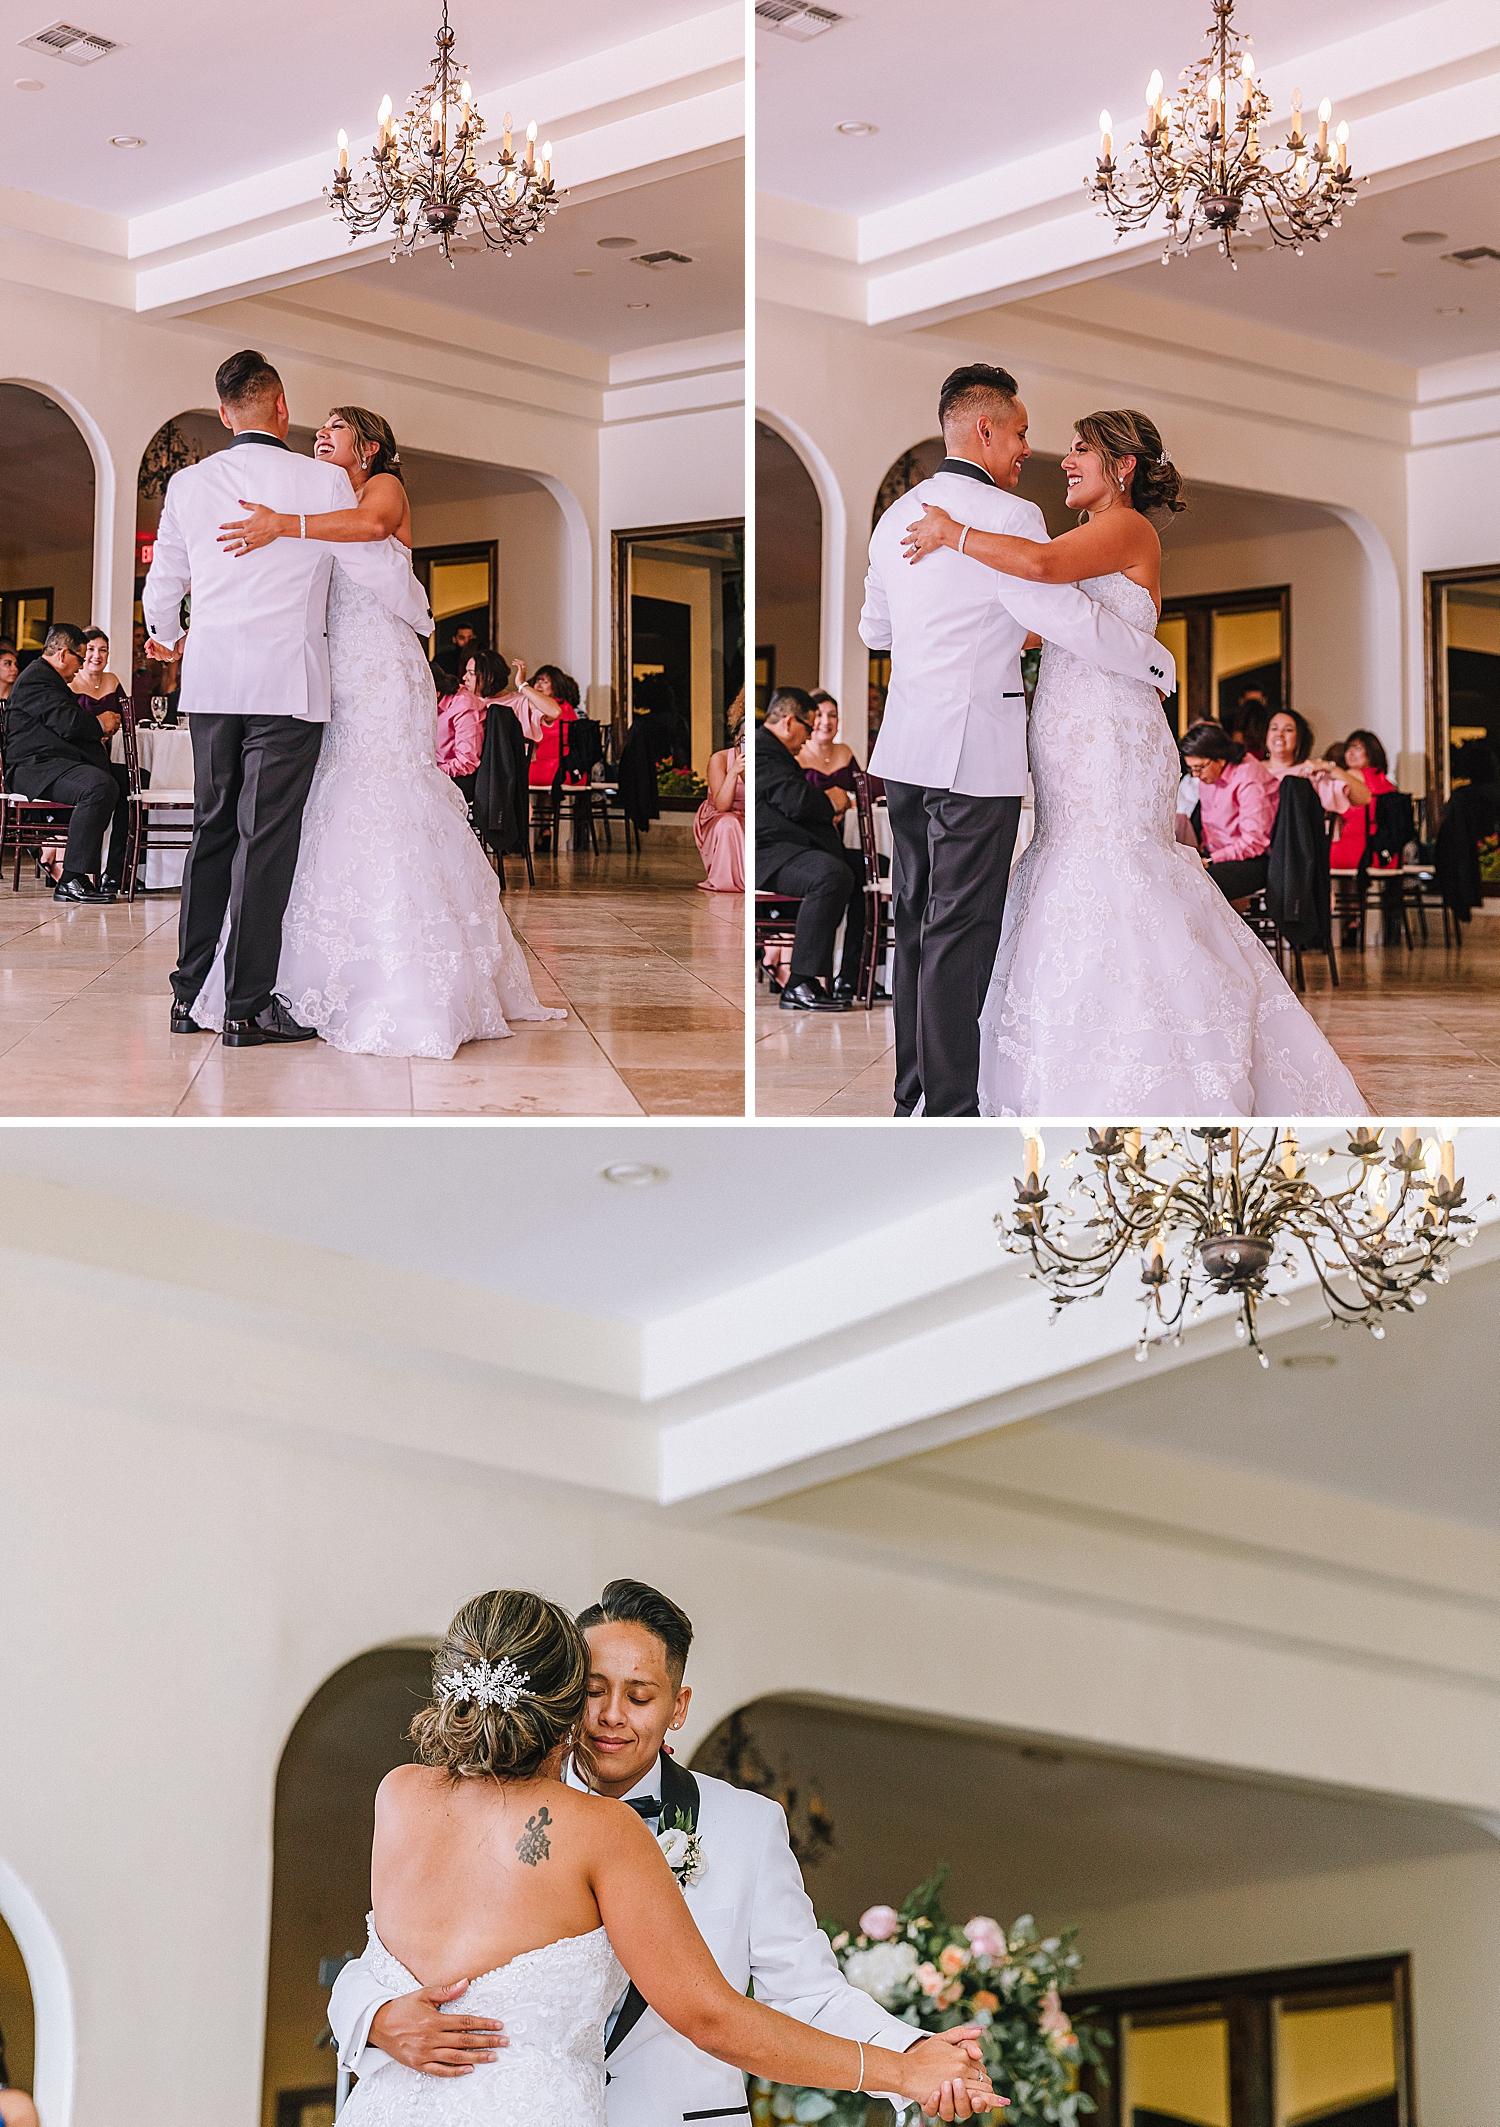 Carly-Barton-Photography-The-Villa-at-Cielo-Vista-Blush-Gold-White-Wedding-Photos_0007.jpg